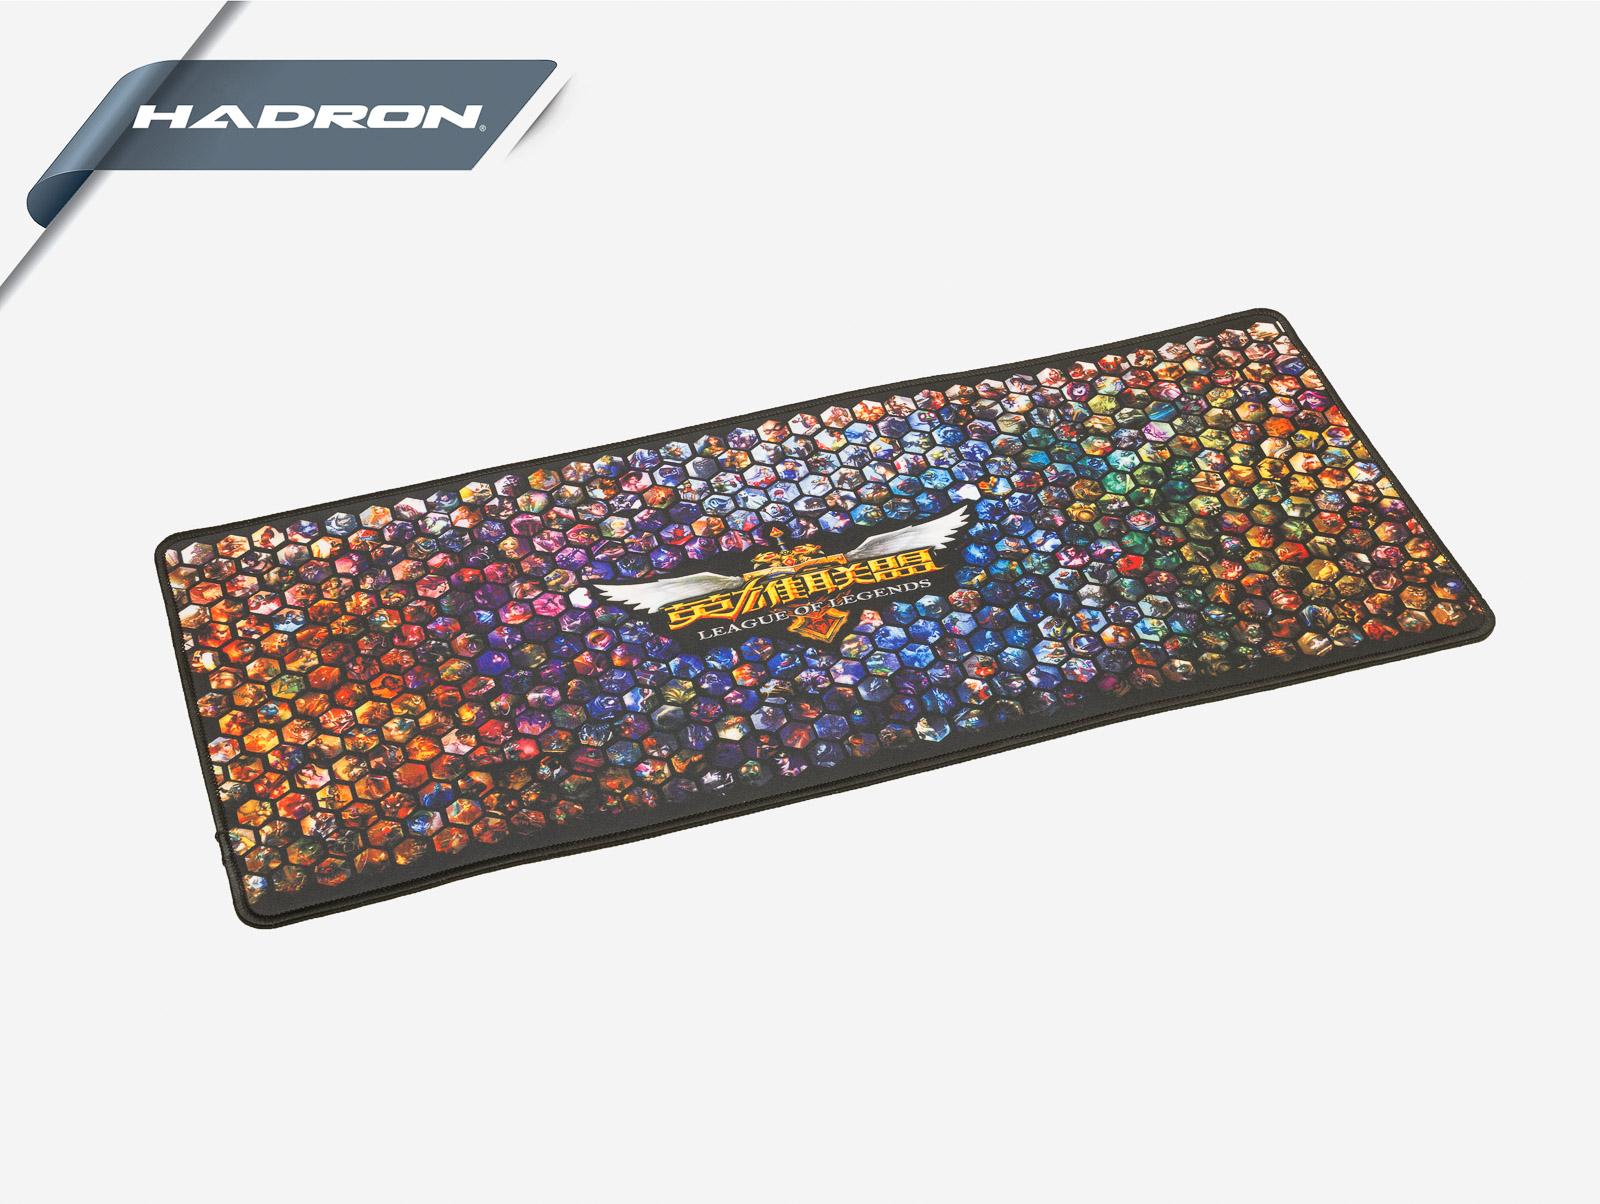 Hadron Hd5532E Oyun Mouse Pad